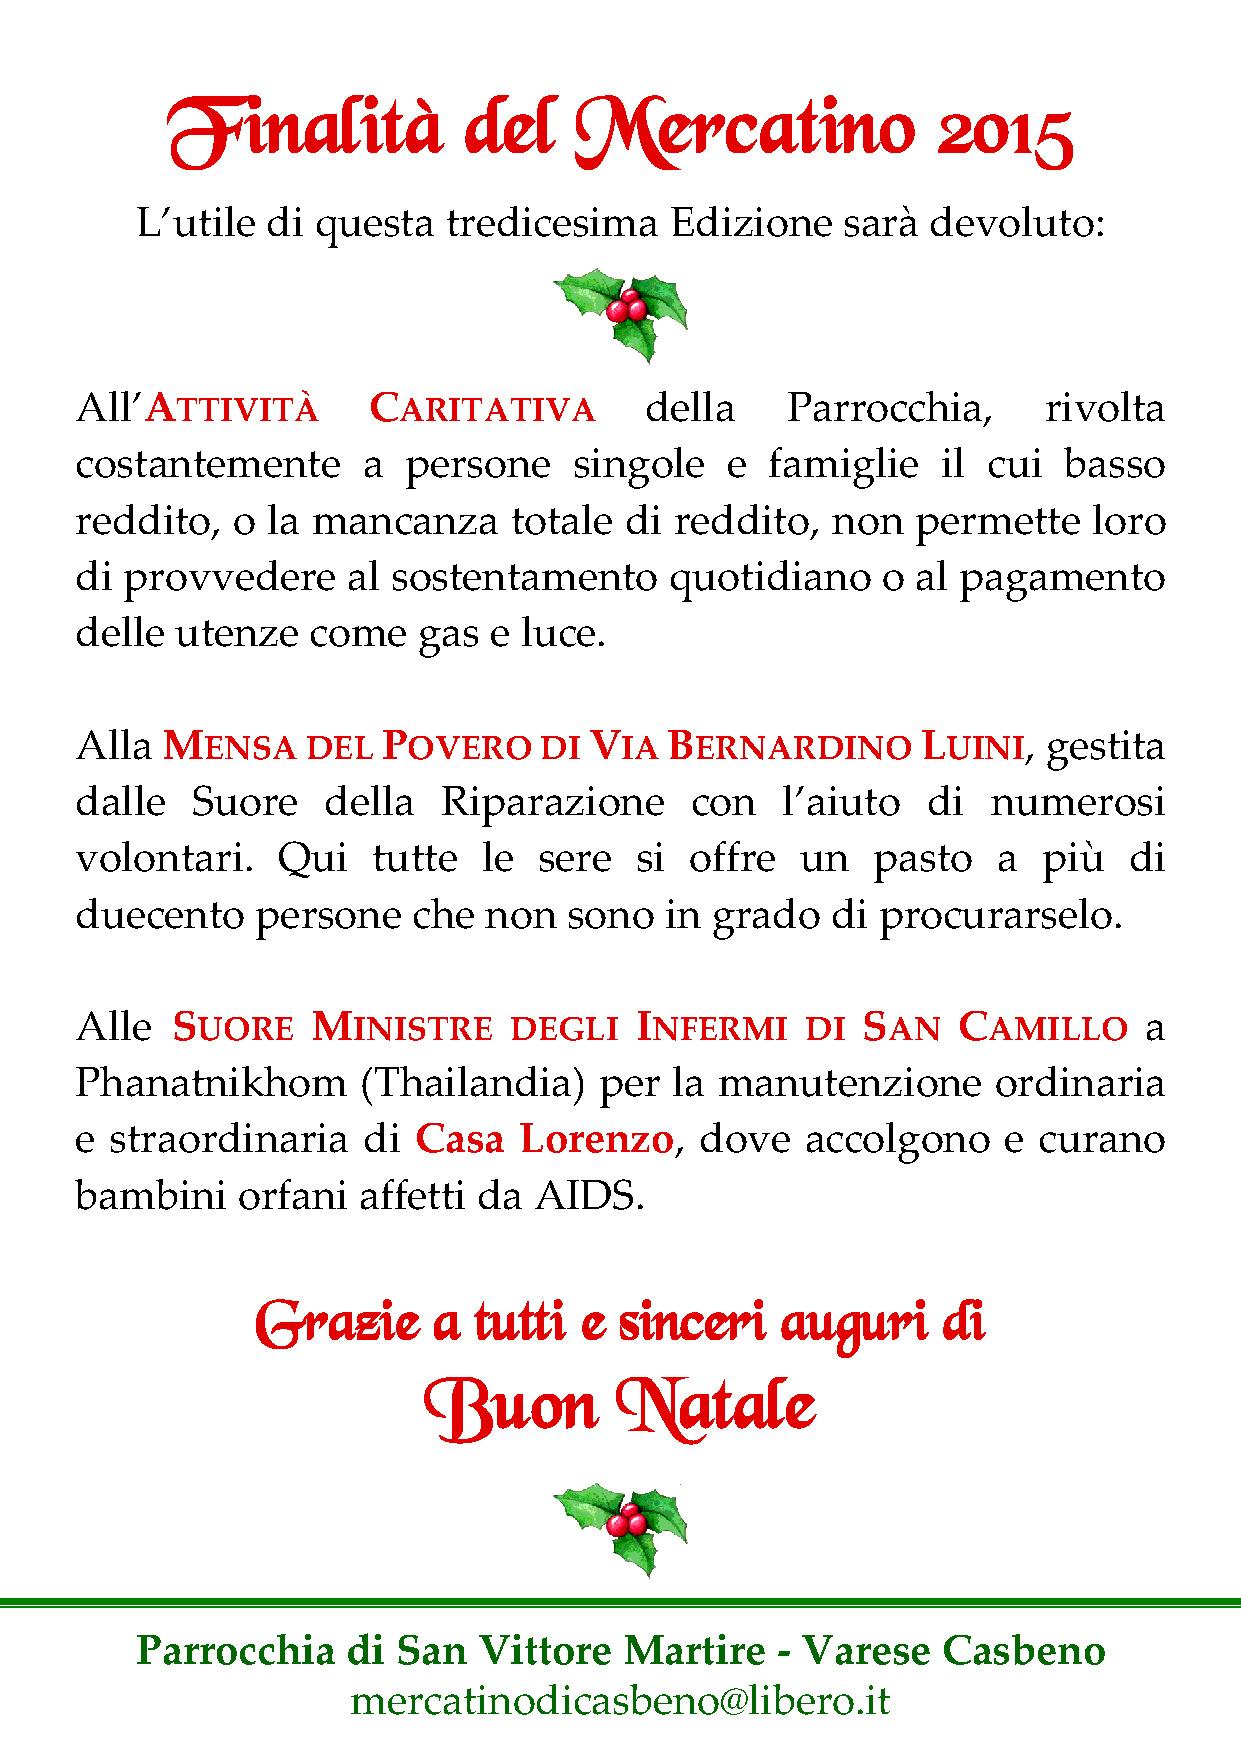 Programma_Mercatino_2015_Casbeno_Pagina_4